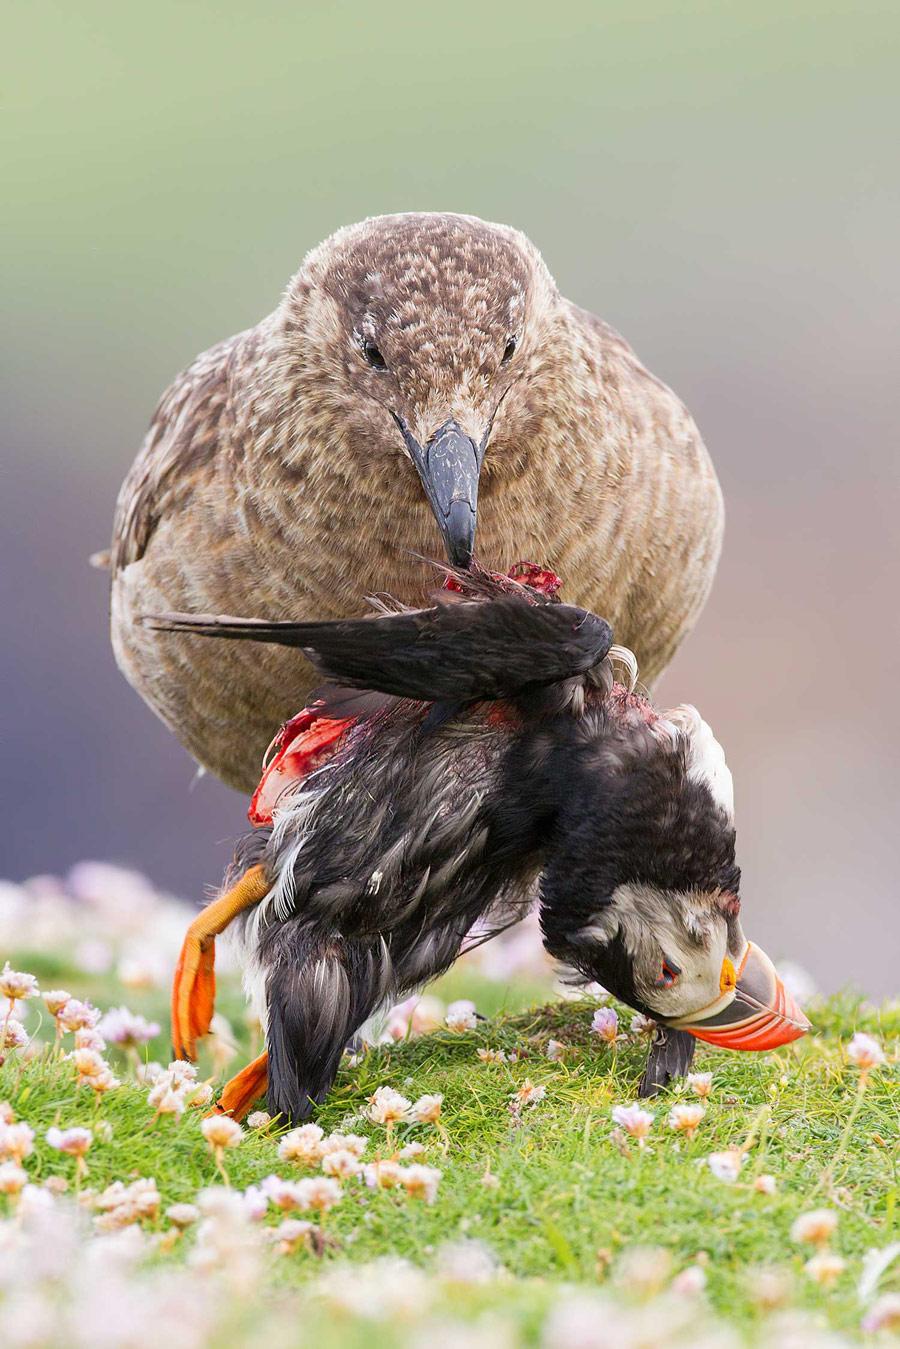 Жизнь и смерть на краю света. Шетландские острова, Шотландия, © Сунил Гопалан, Конкурс фотографий дикой природы British Wildlife